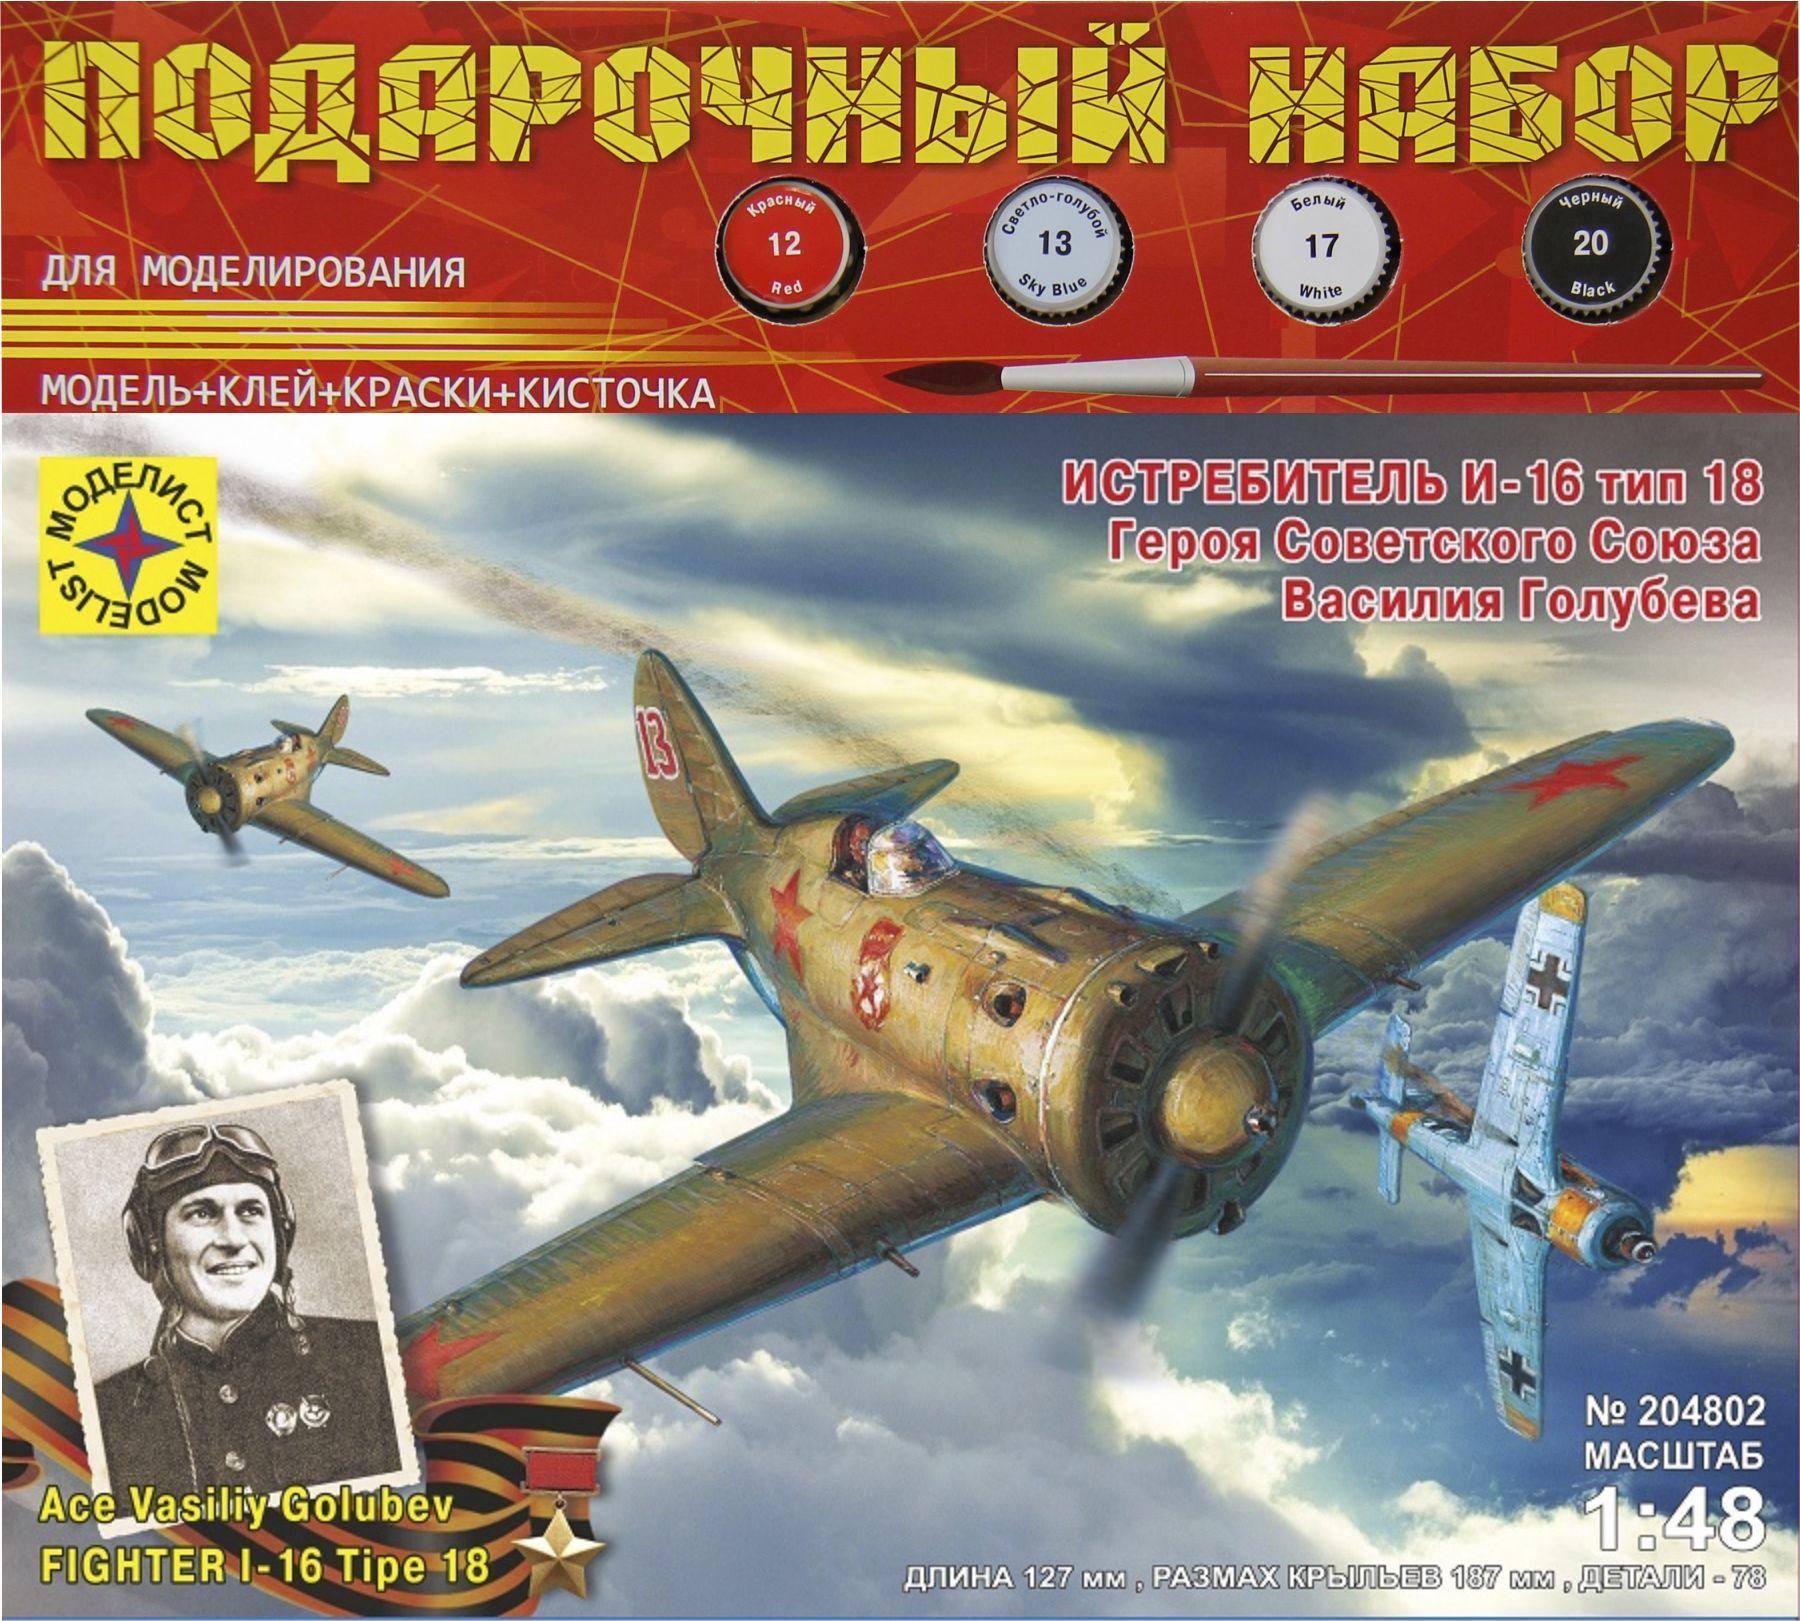 Сборная модель Самолет-истребитель И-16 (18) Героя Советского Союза Вас